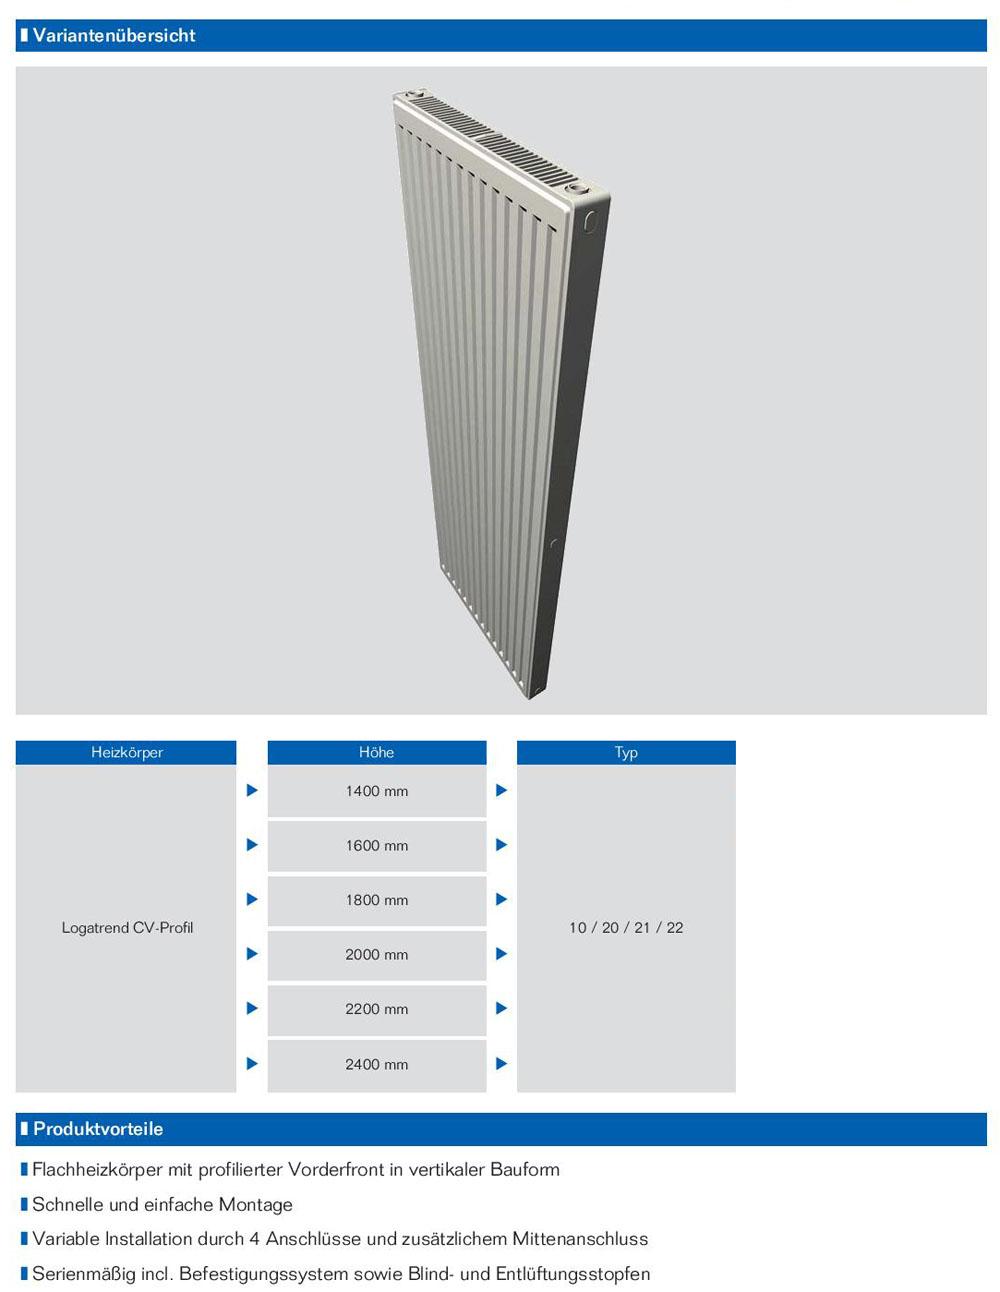 buderus vertikal profil heizk rper bauh he 1800mm typ 10 20 21 22 l nge 300 900. Black Bedroom Furniture Sets. Home Design Ideas